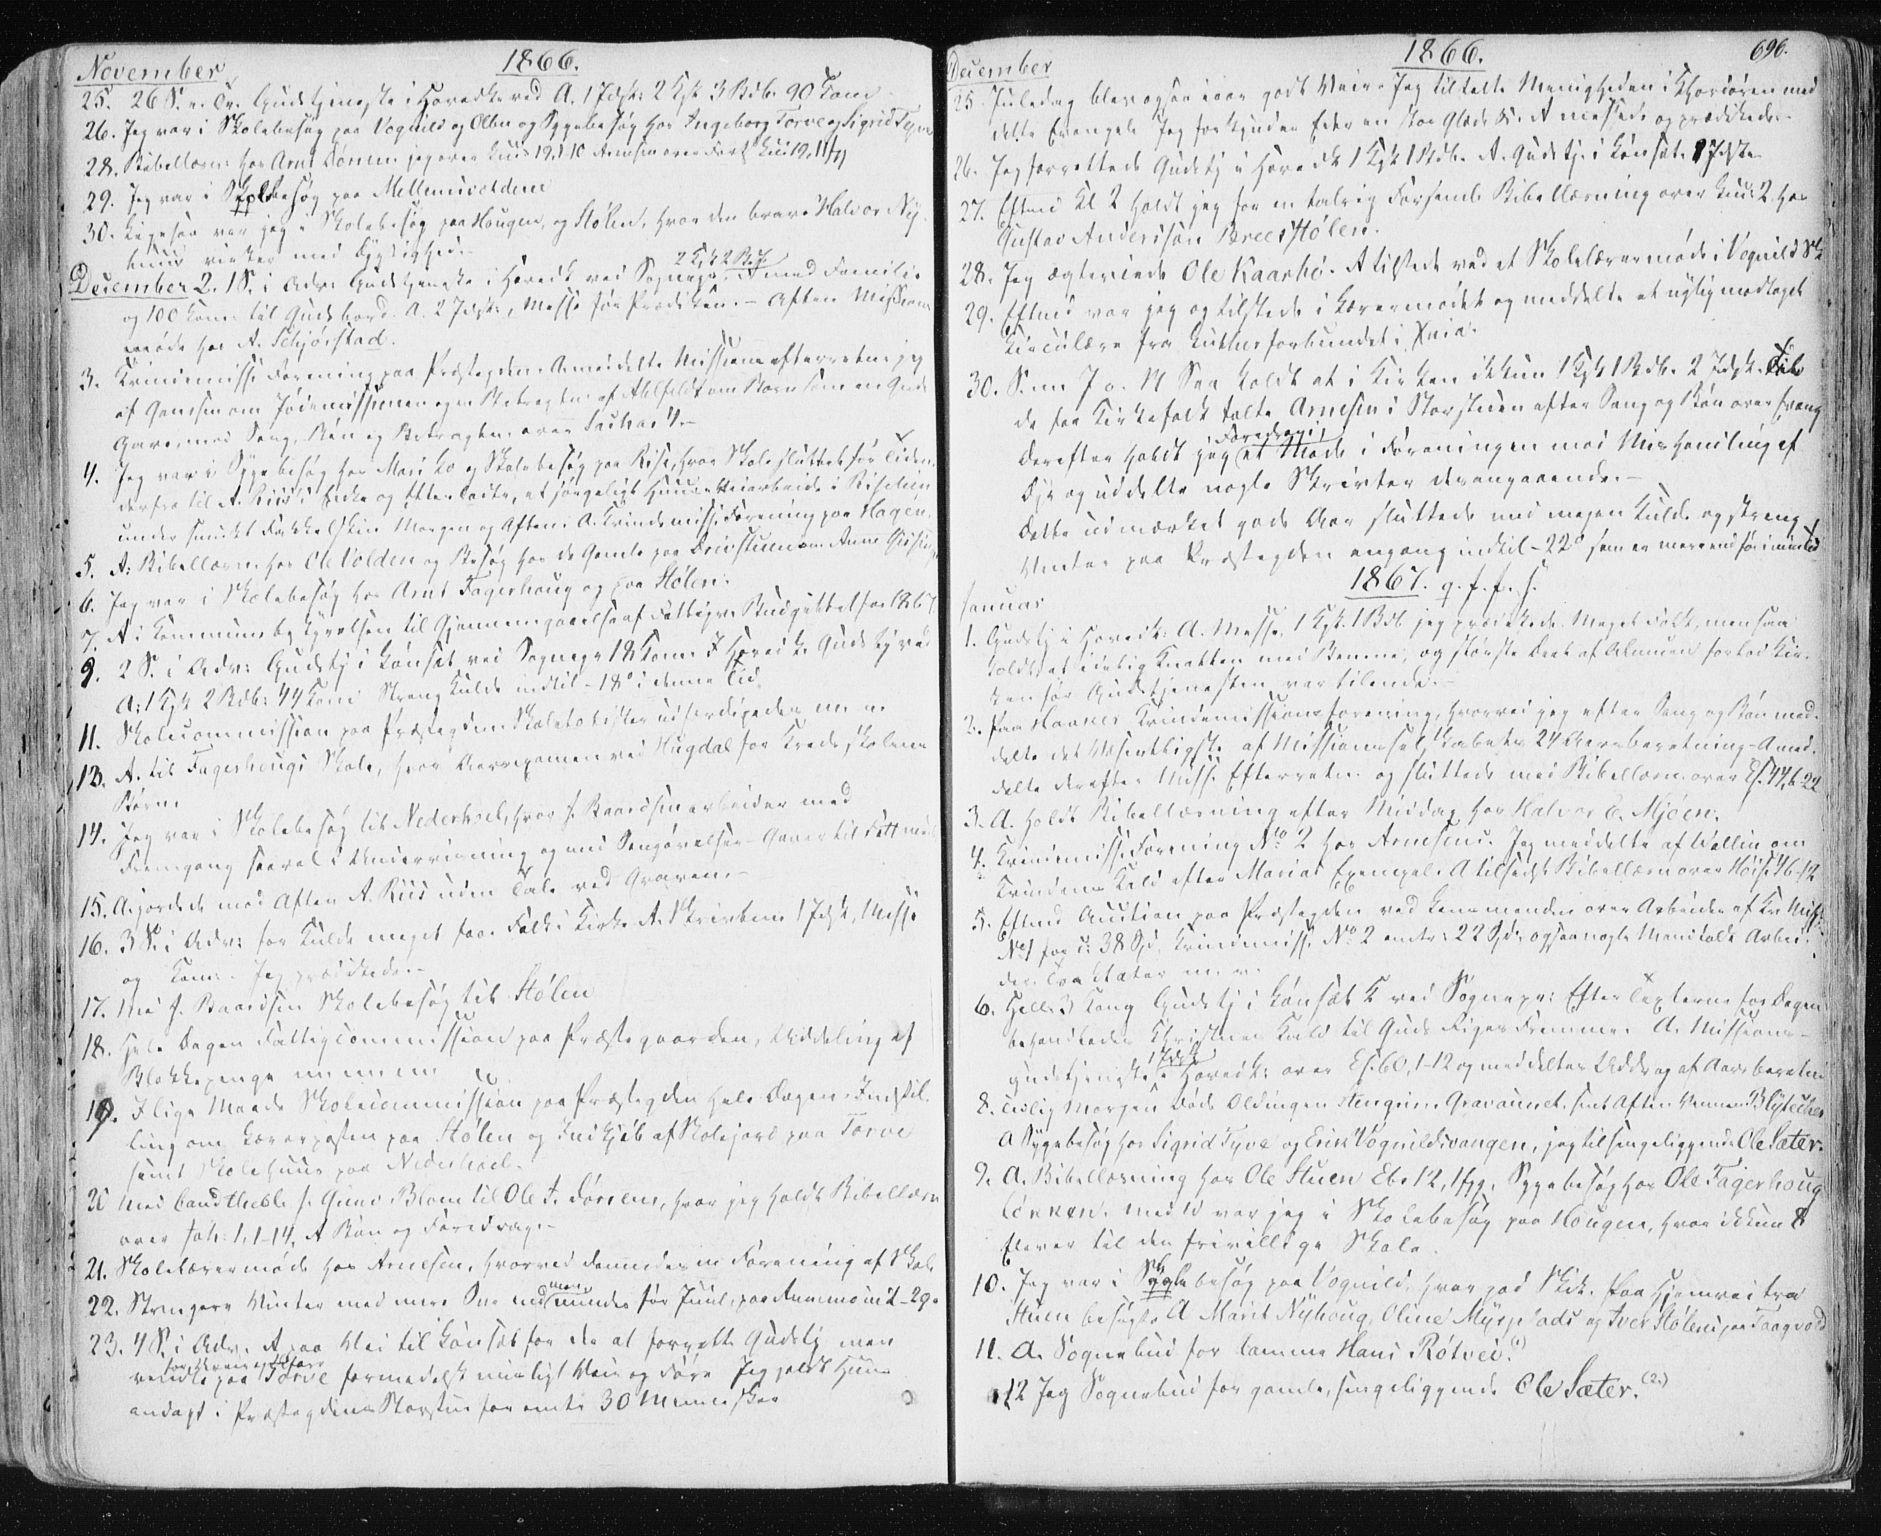 SAT, Ministerialprotokoller, klokkerbøker og fødselsregistre - Sør-Trøndelag, 678/L0899: Ministerialbok nr. 678A08, 1848-1872, s. 696